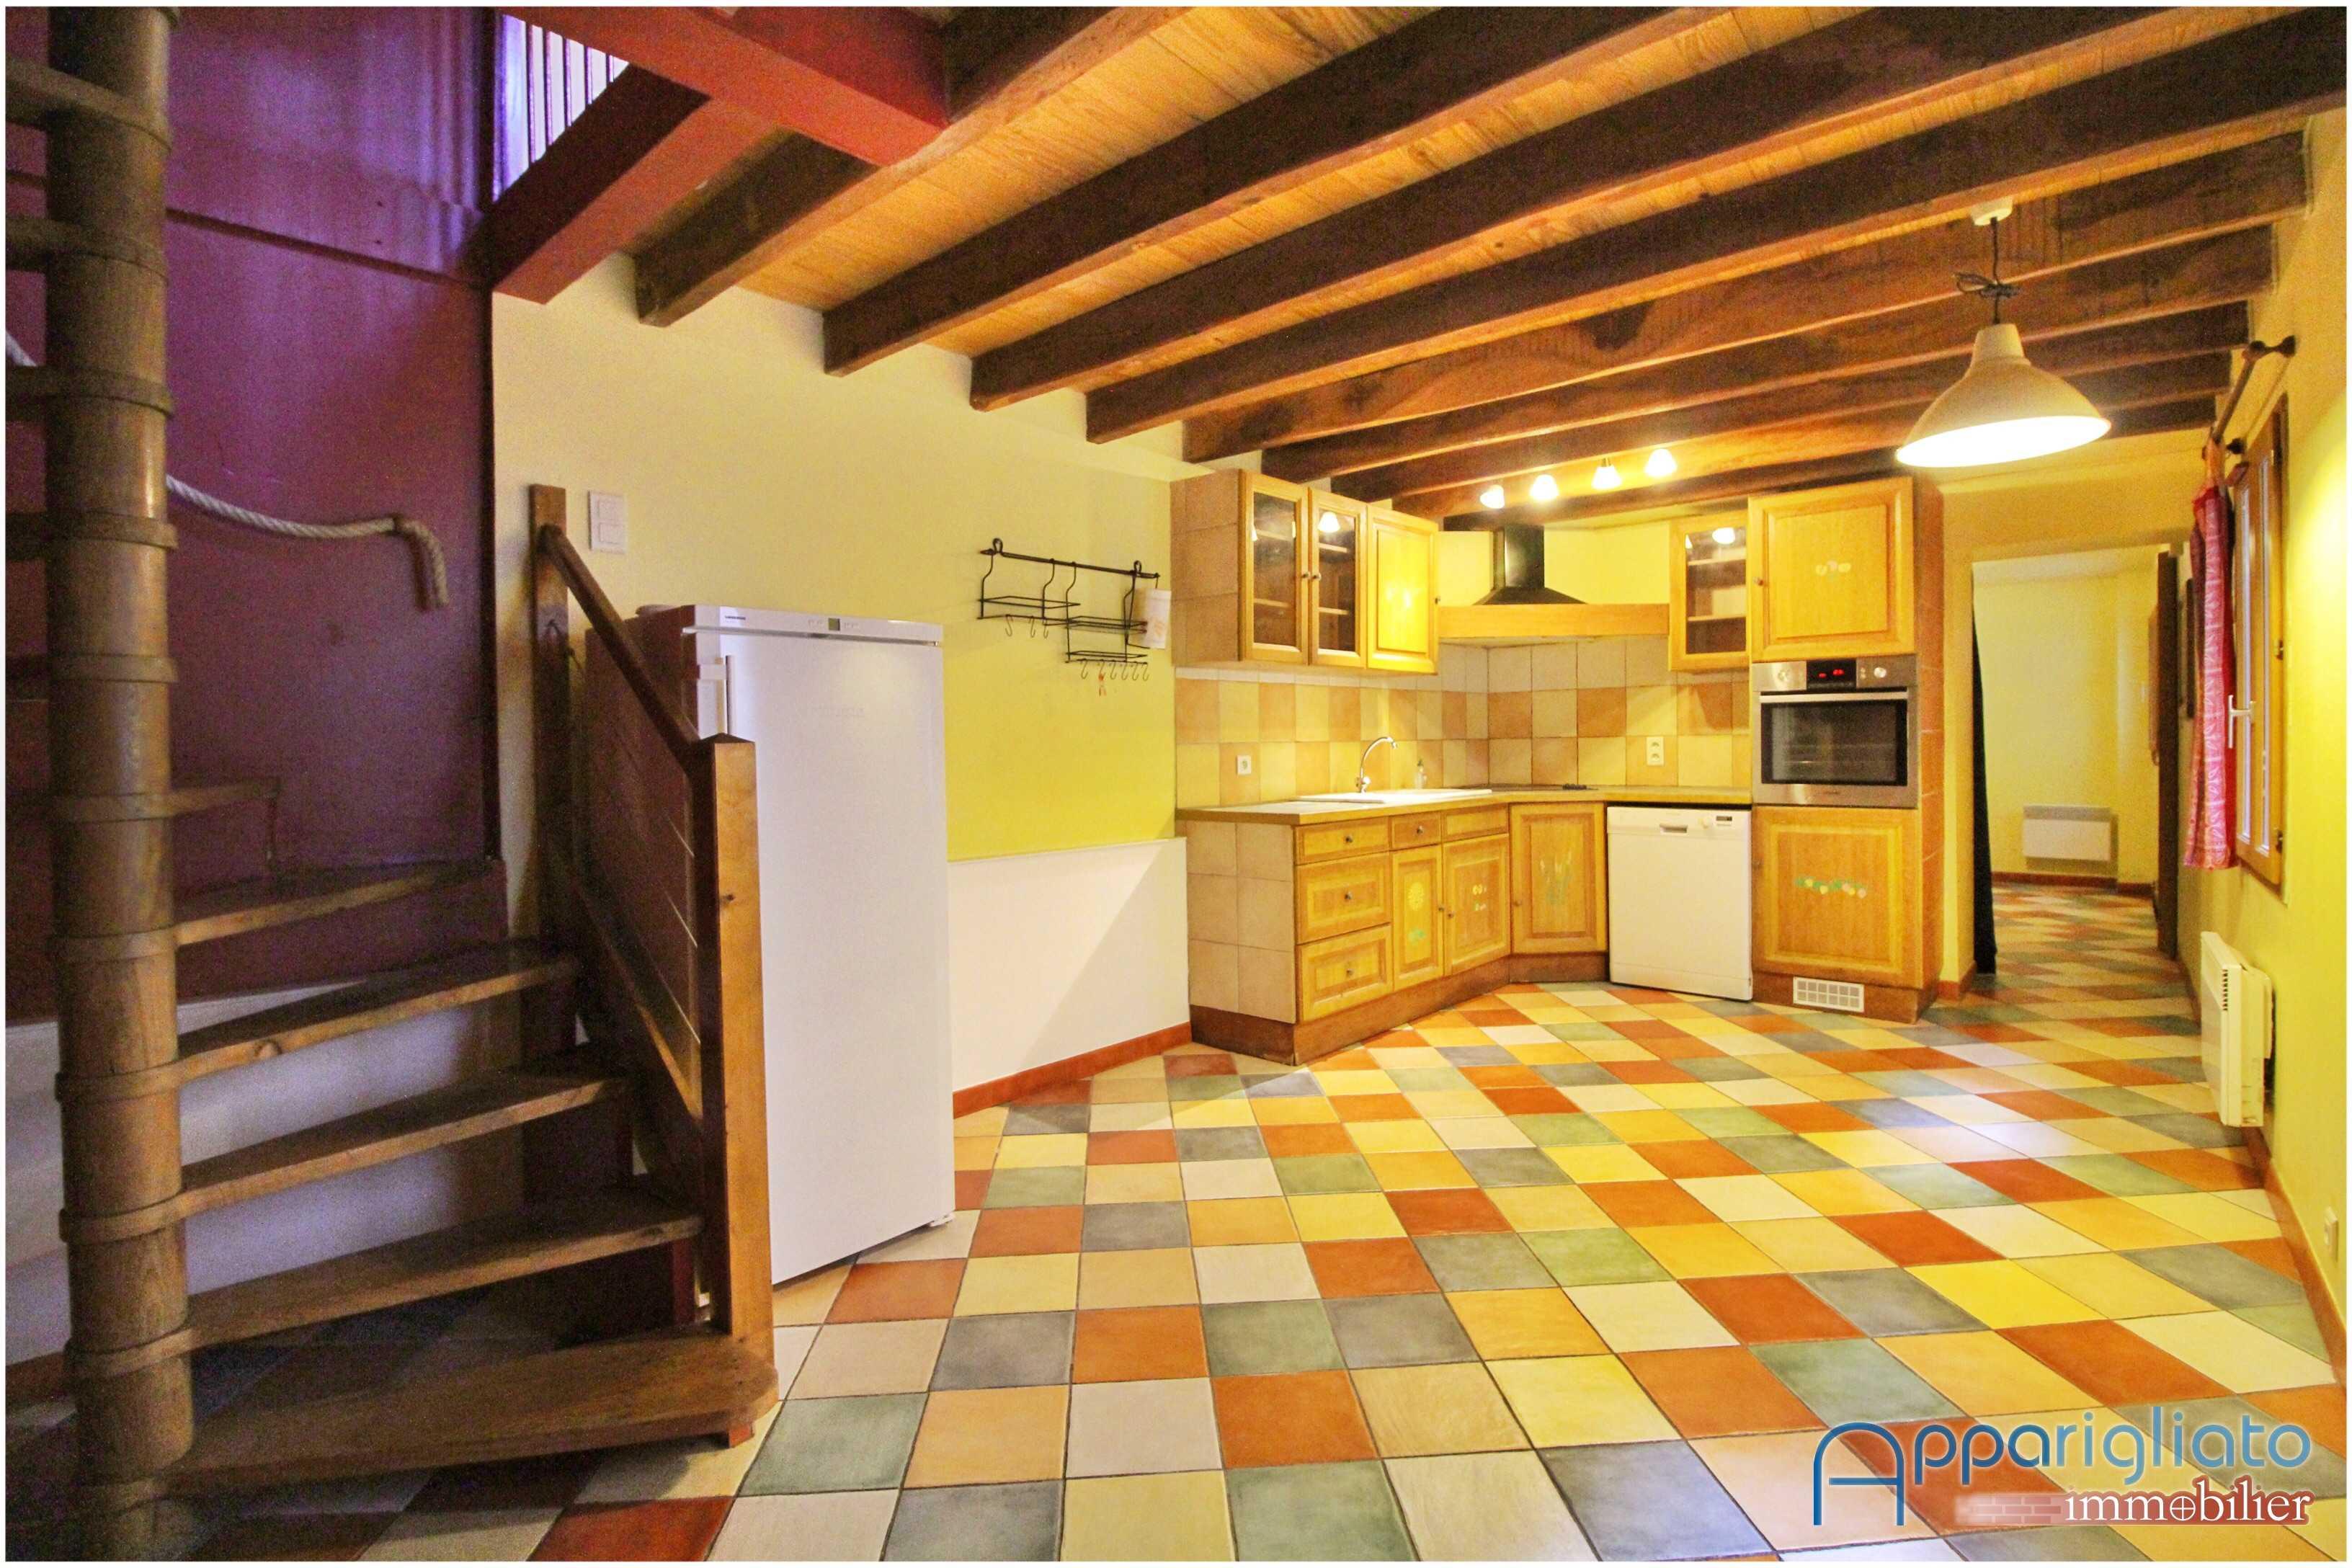 la maison du carrelage balma stunning elegant facile sur loeil couleur peinture maison. Black Bedroom Furniture Sets. Home Design Ideas